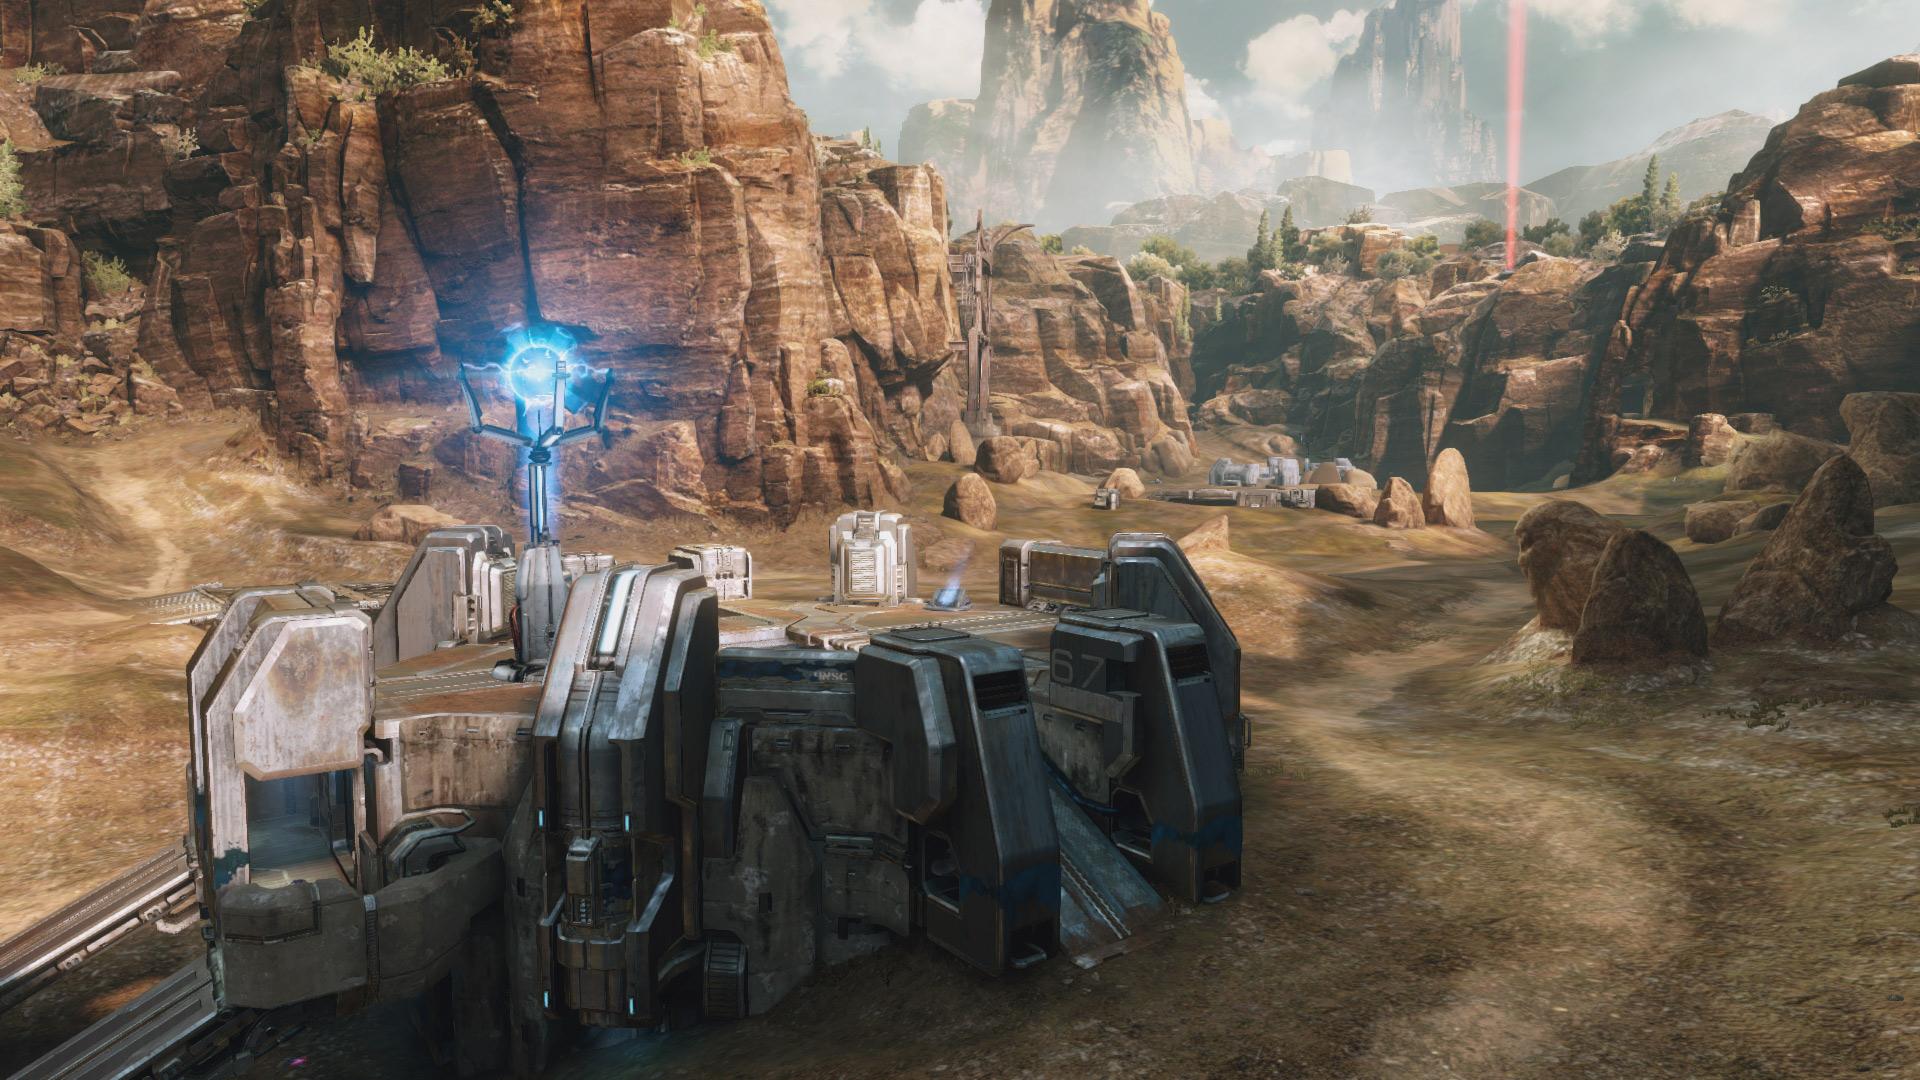 Coagulation mapa z Halo 2 bude v remaku přepracovaná 101685